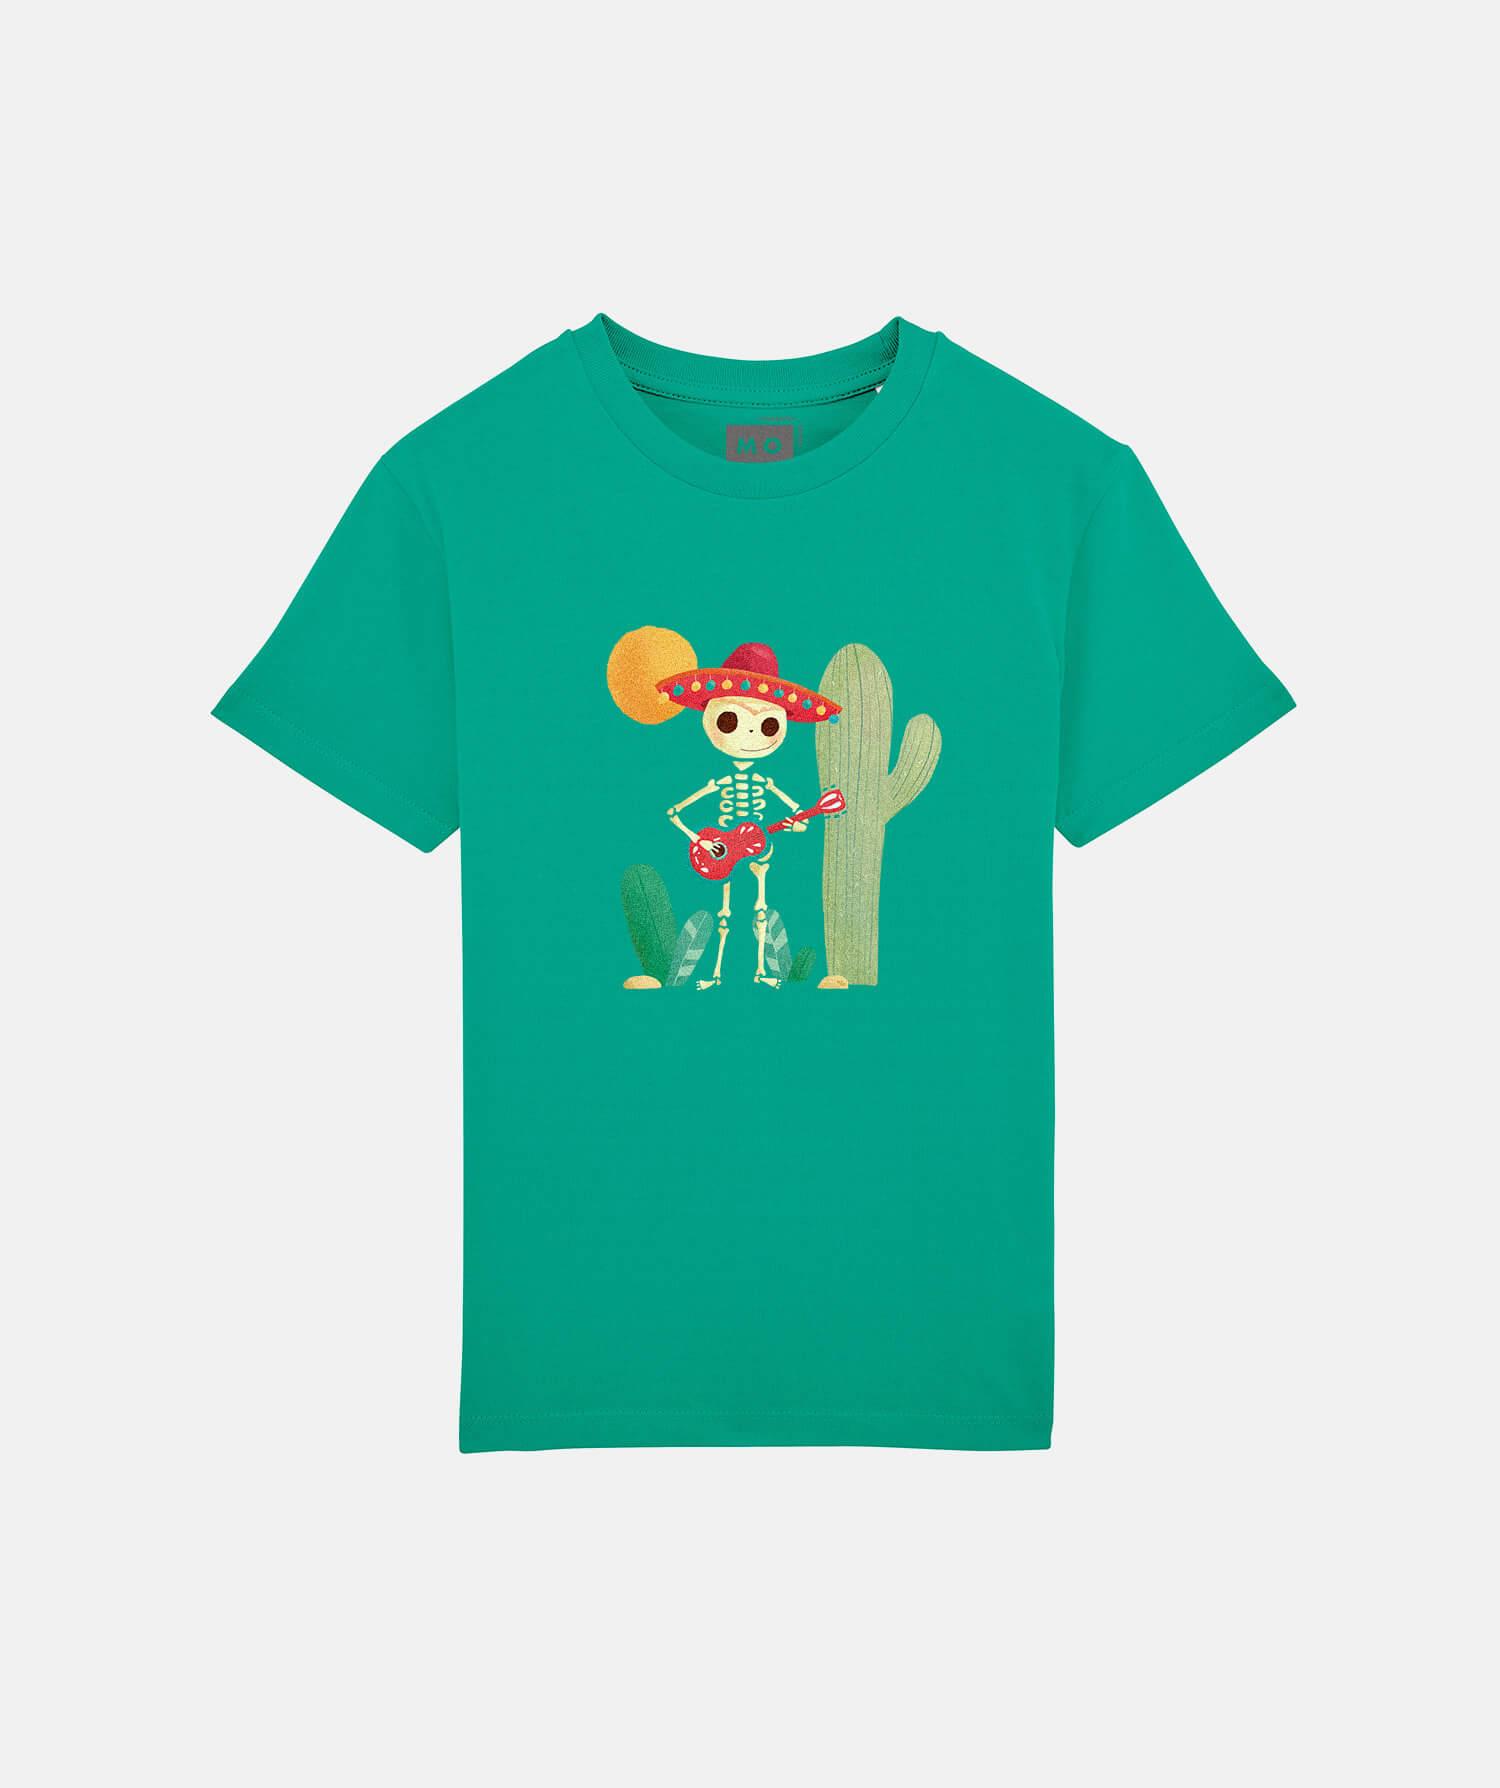 Amigo t-shirt